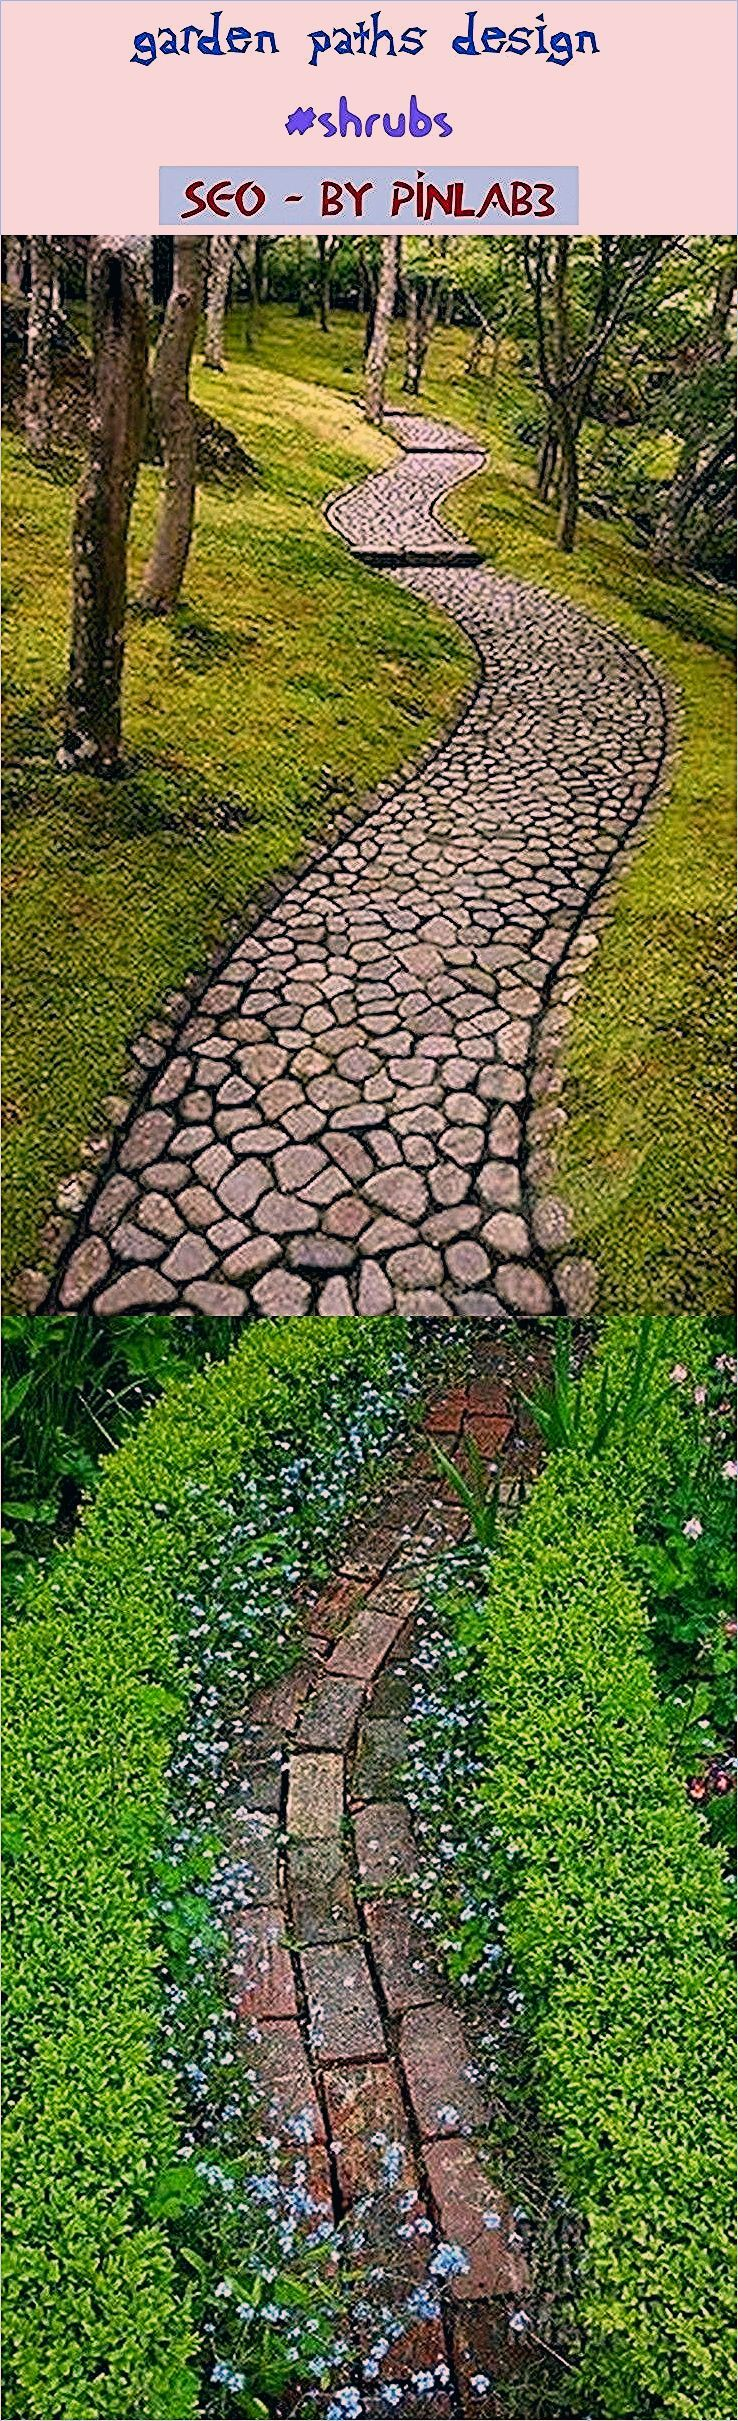 Photo of Garden paths design #shrubs #gardens. garden paths and walkways, garden paths ch…